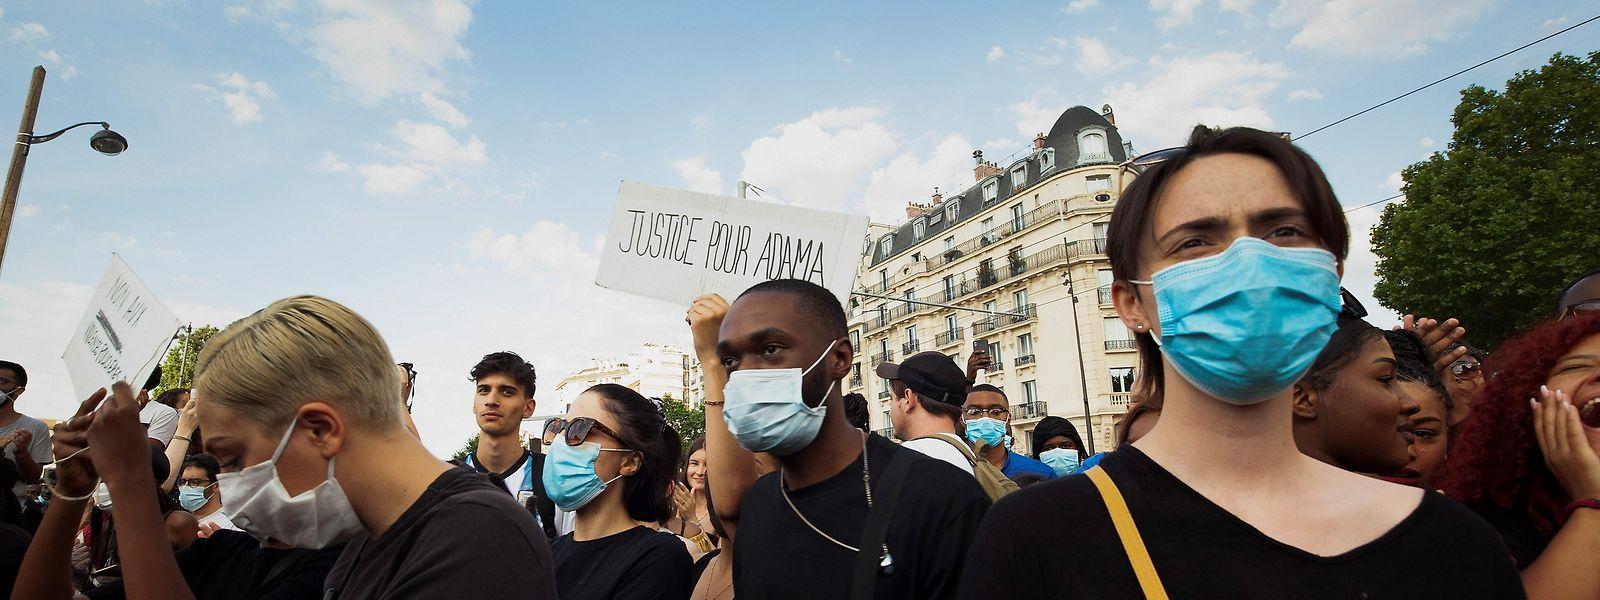 Die Demonstranten in Paris erinnern an Adama Traoré, der unter ähnlichen Umständen wie George Floyd ums Leben kam.